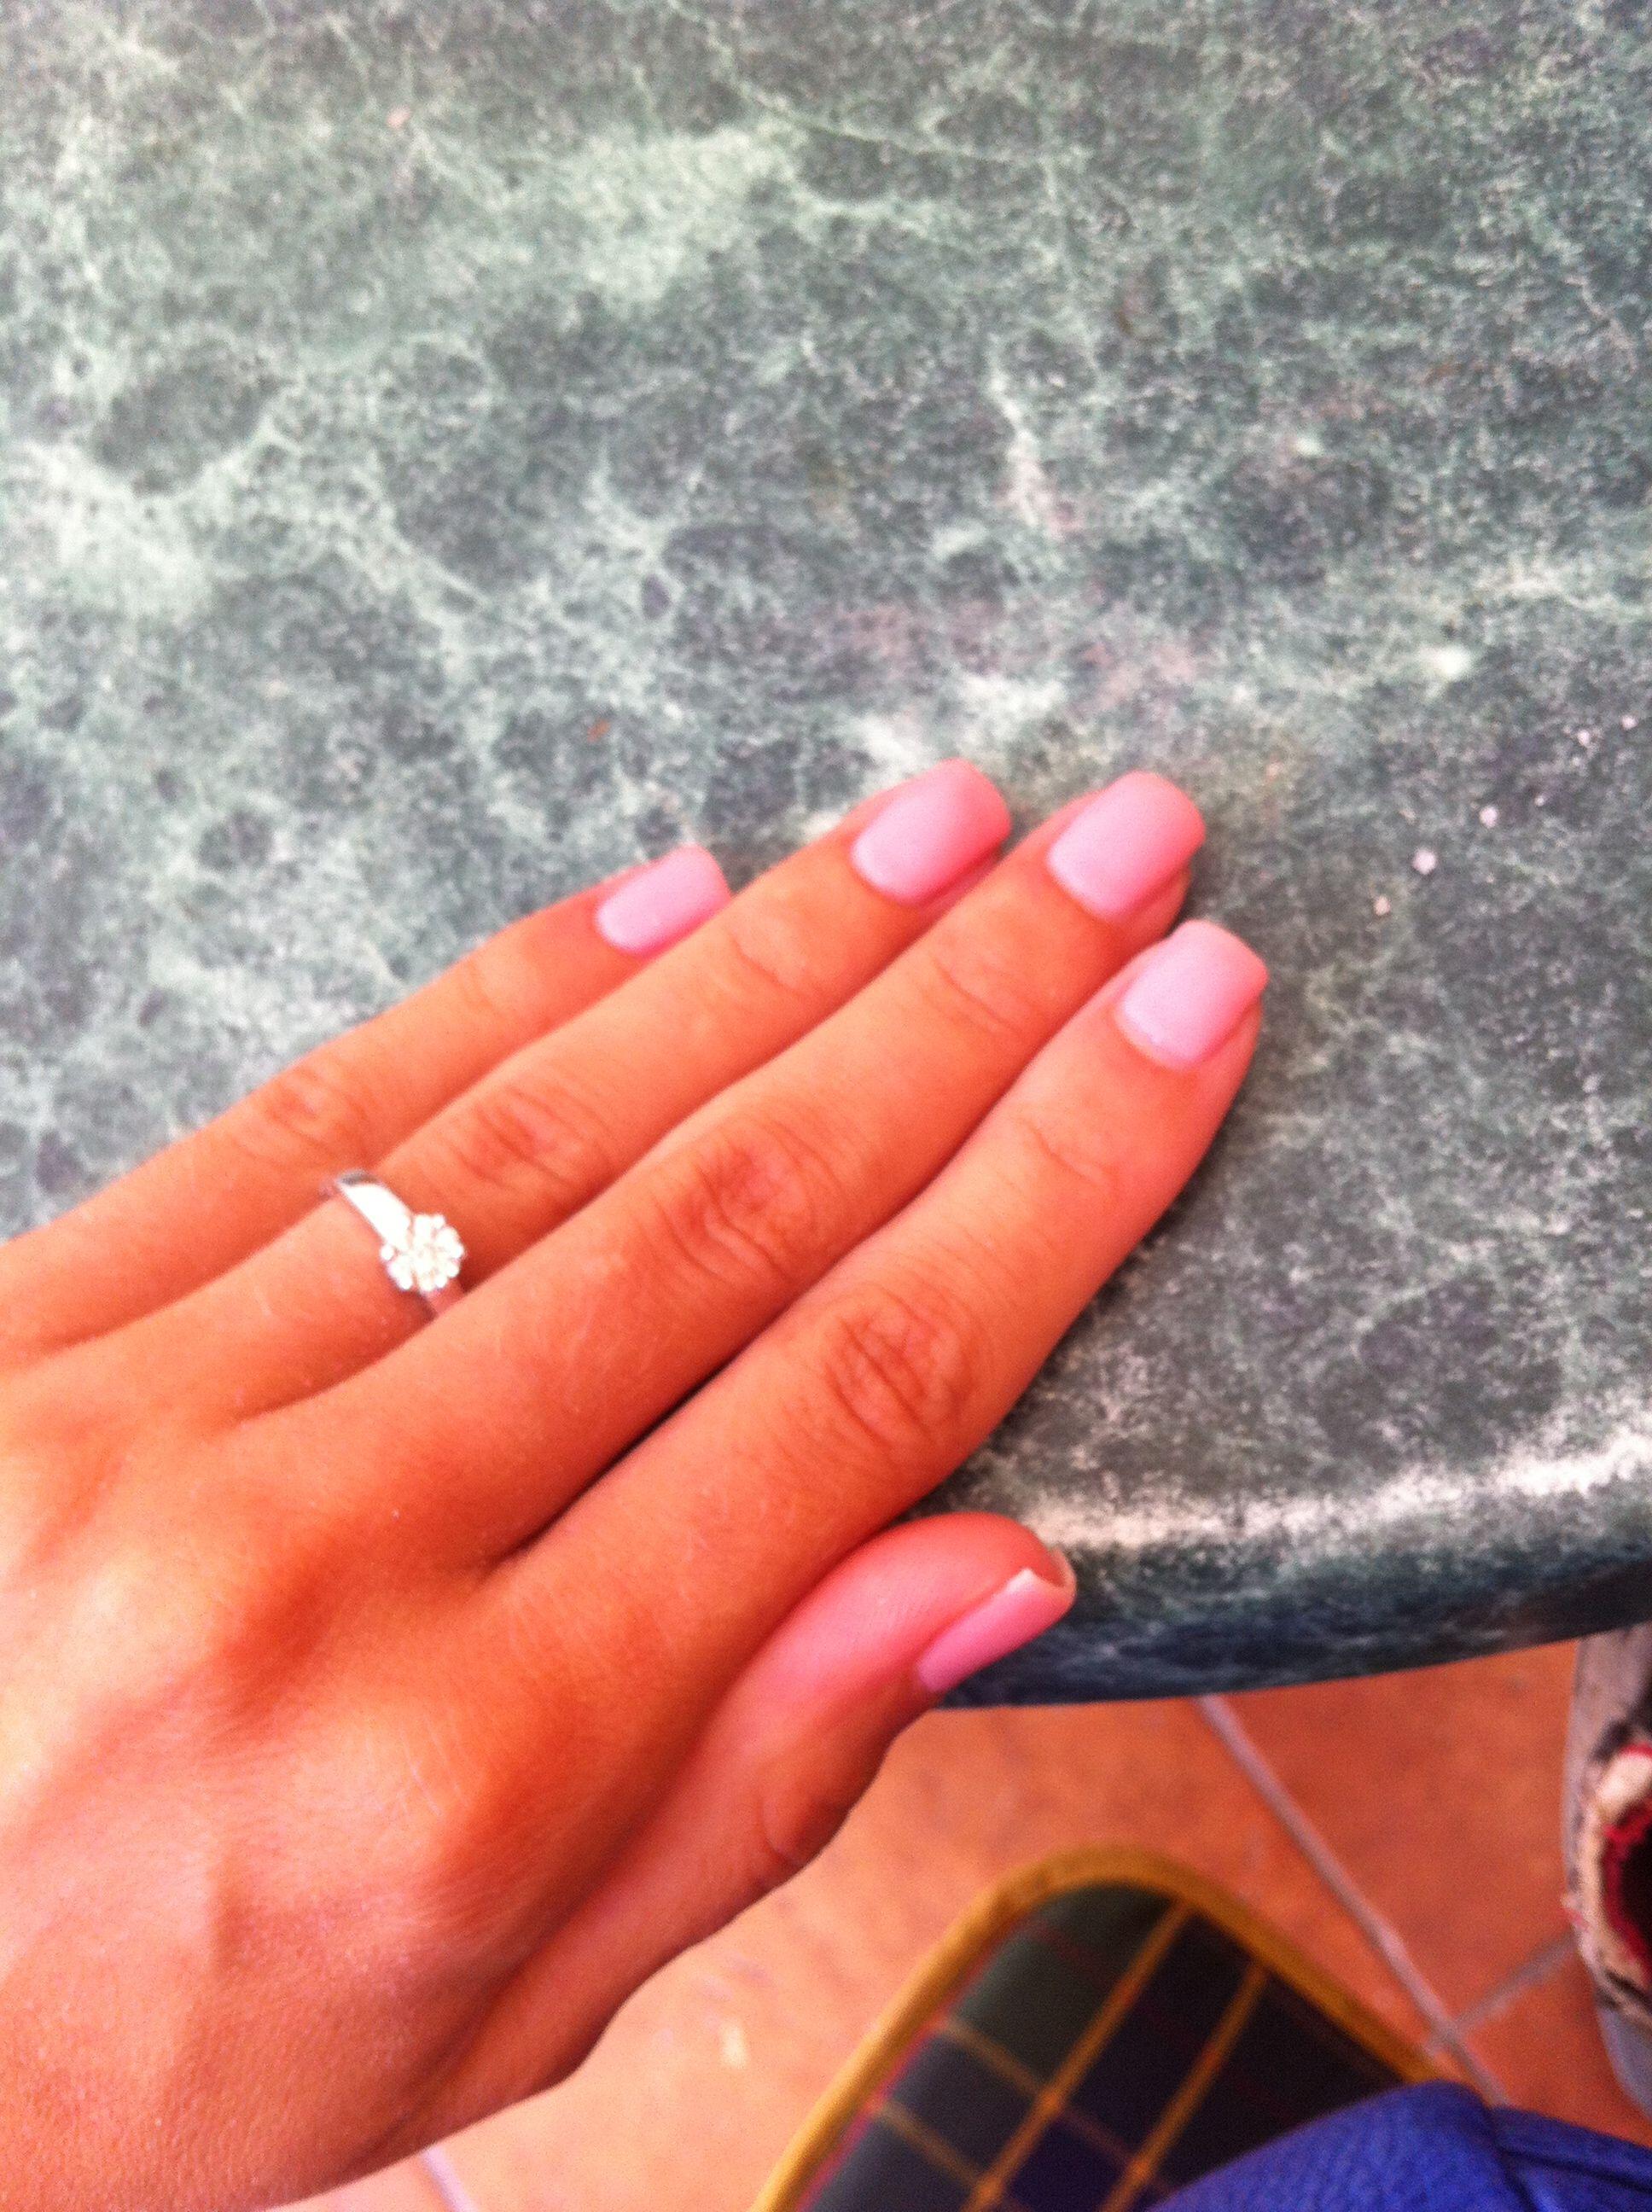 #nails #soakoff #gellak